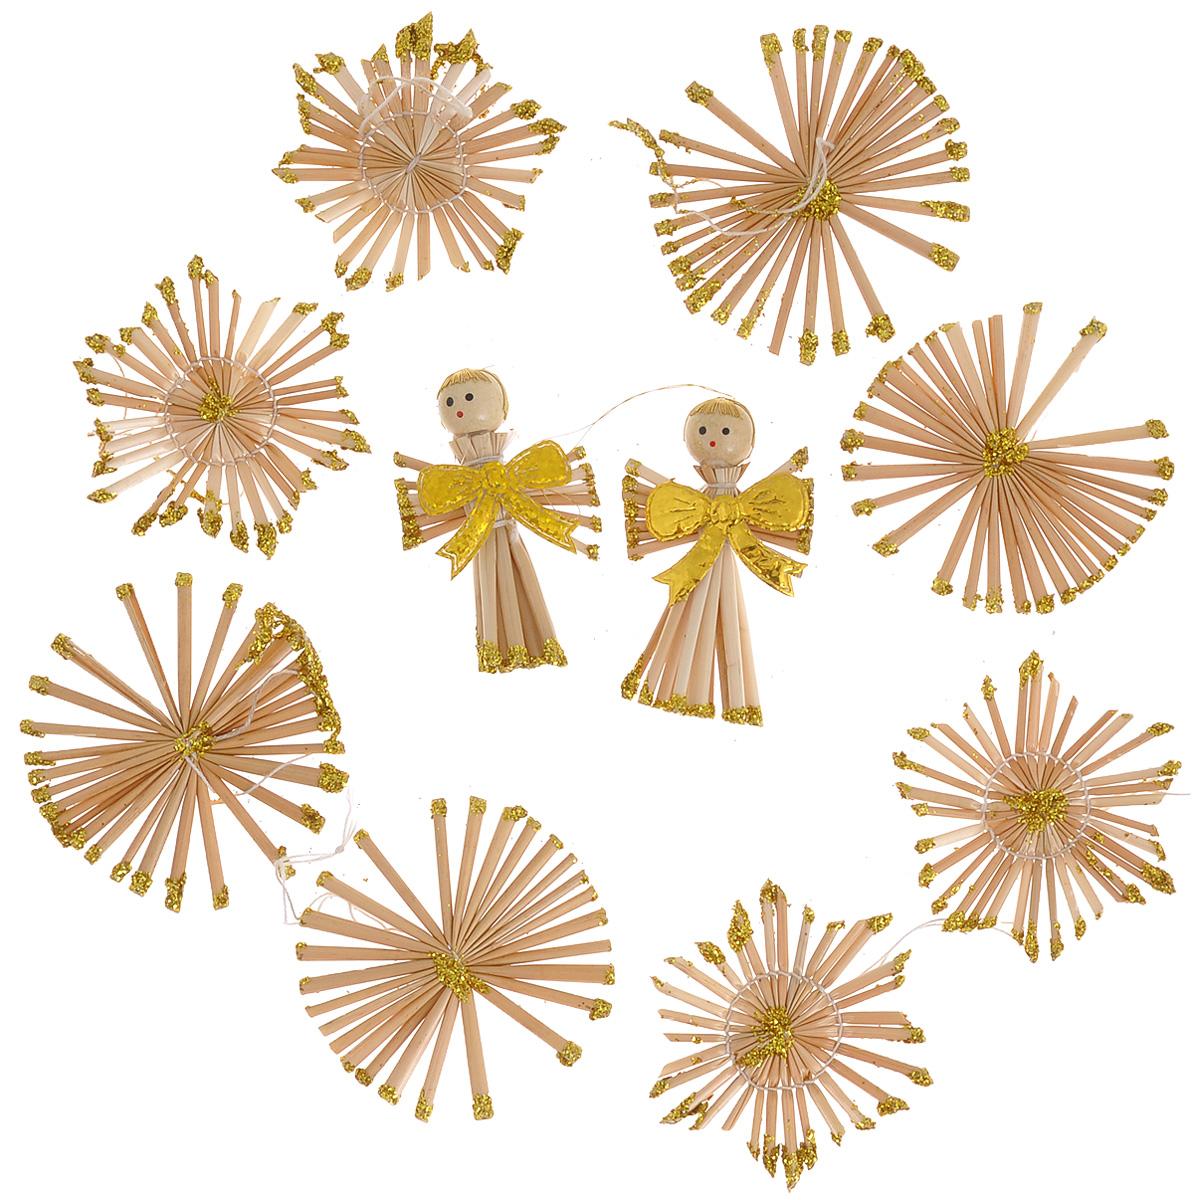 Набор новогодних подвесных украшений Феникс-презент Ангелы с бантами, цвет: желтый, светло-коричневый, 10 шт38199Набор Феникс-презент Ангелы с бантами, состоящий из 10 новогодних подвесных украшений, отлично подойдет для декорации вашего дома и новогодней ели. Изделия выполнены из соломы в виде снежинок и ангелов, оформленных блестками и бантиками. Украшения имеют специальные петельки для подвешивания. Коллекция декоративных украшений Феникс-презент Ангелы с бантами принесет в ваш дом ни с чем не сравнимое ощущение праздника! Средний размер украшения: 5,5 см х 5,5 см.